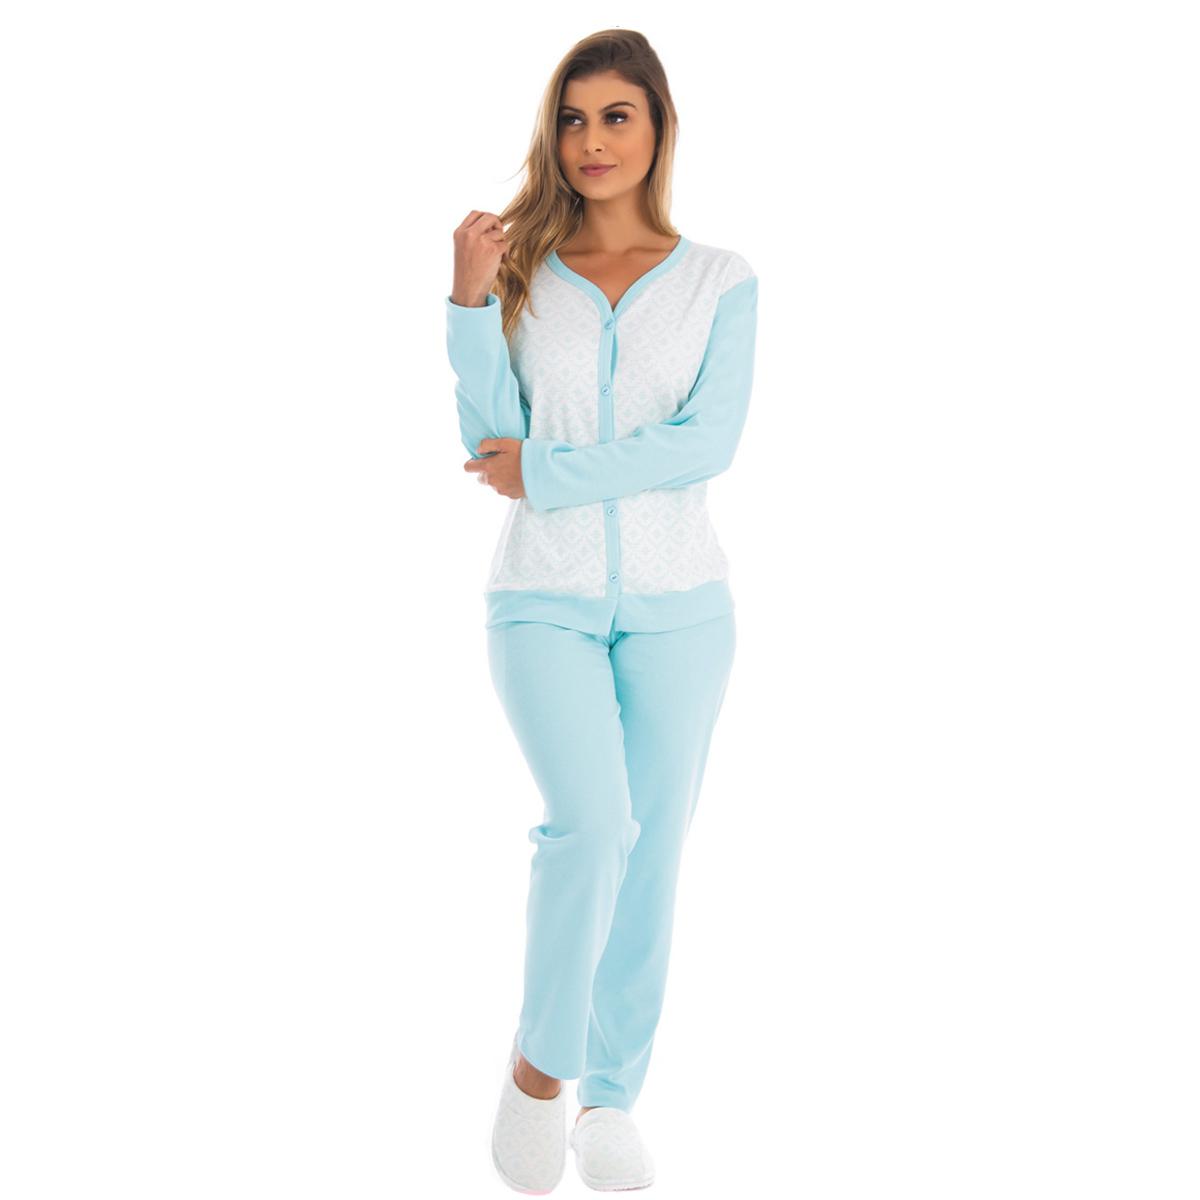 Pijama feminino para o inverno ABERTO Victory